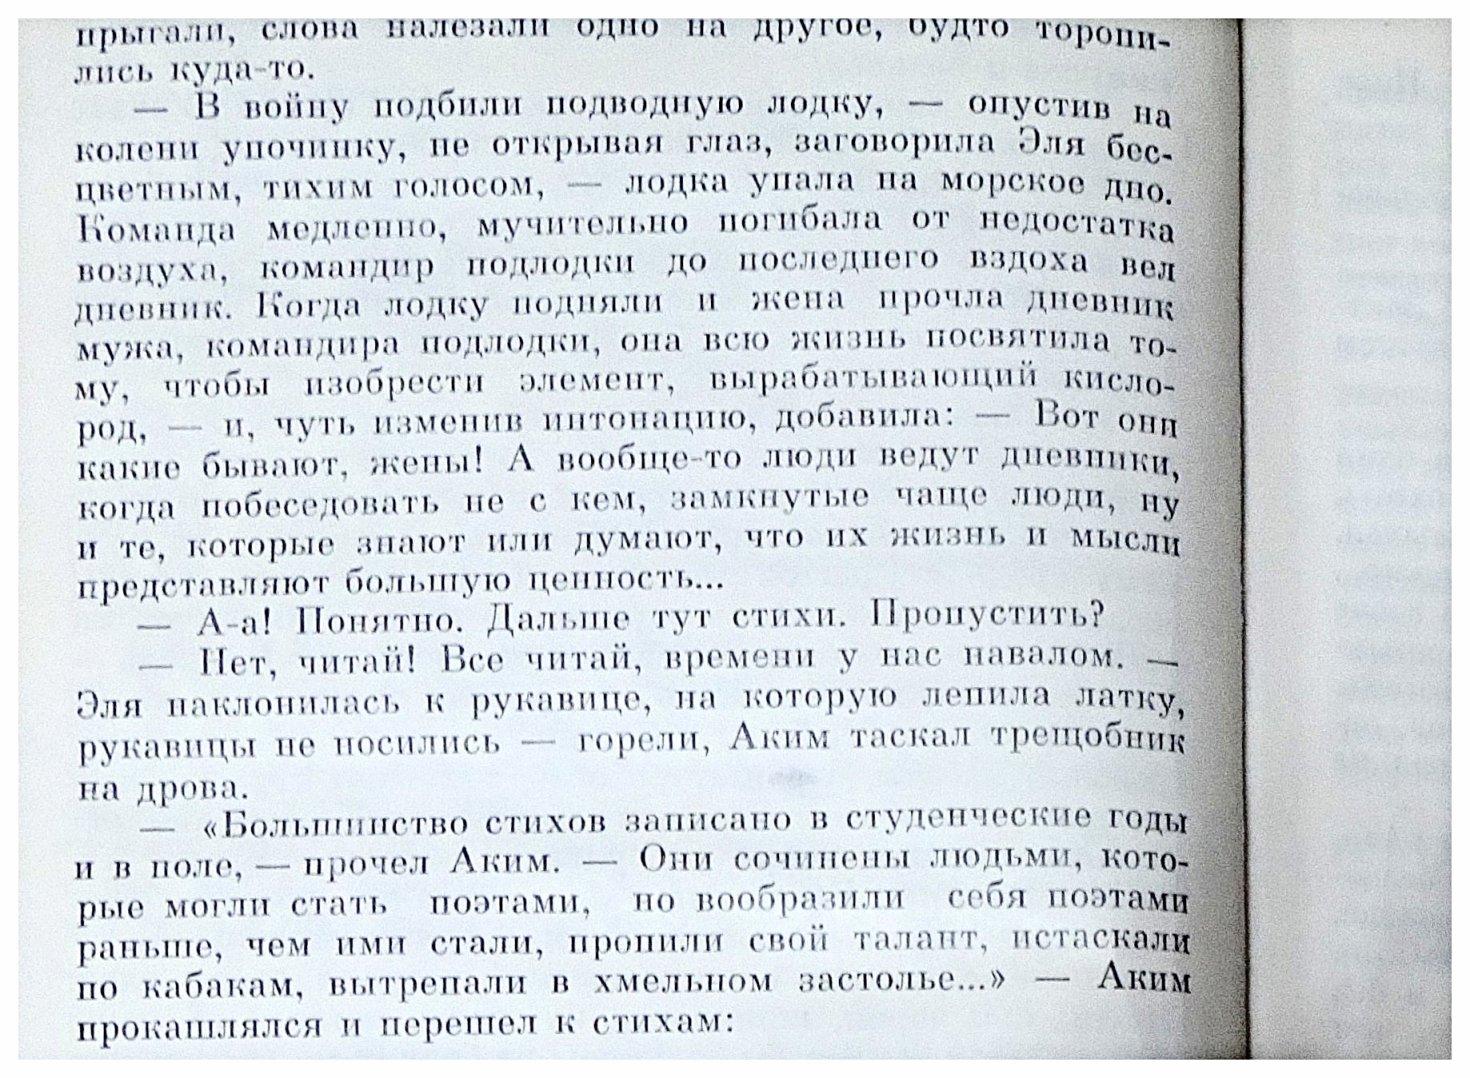 Виктор Астафьев, из книги Царь-рыба, иллюстрации, фото 002